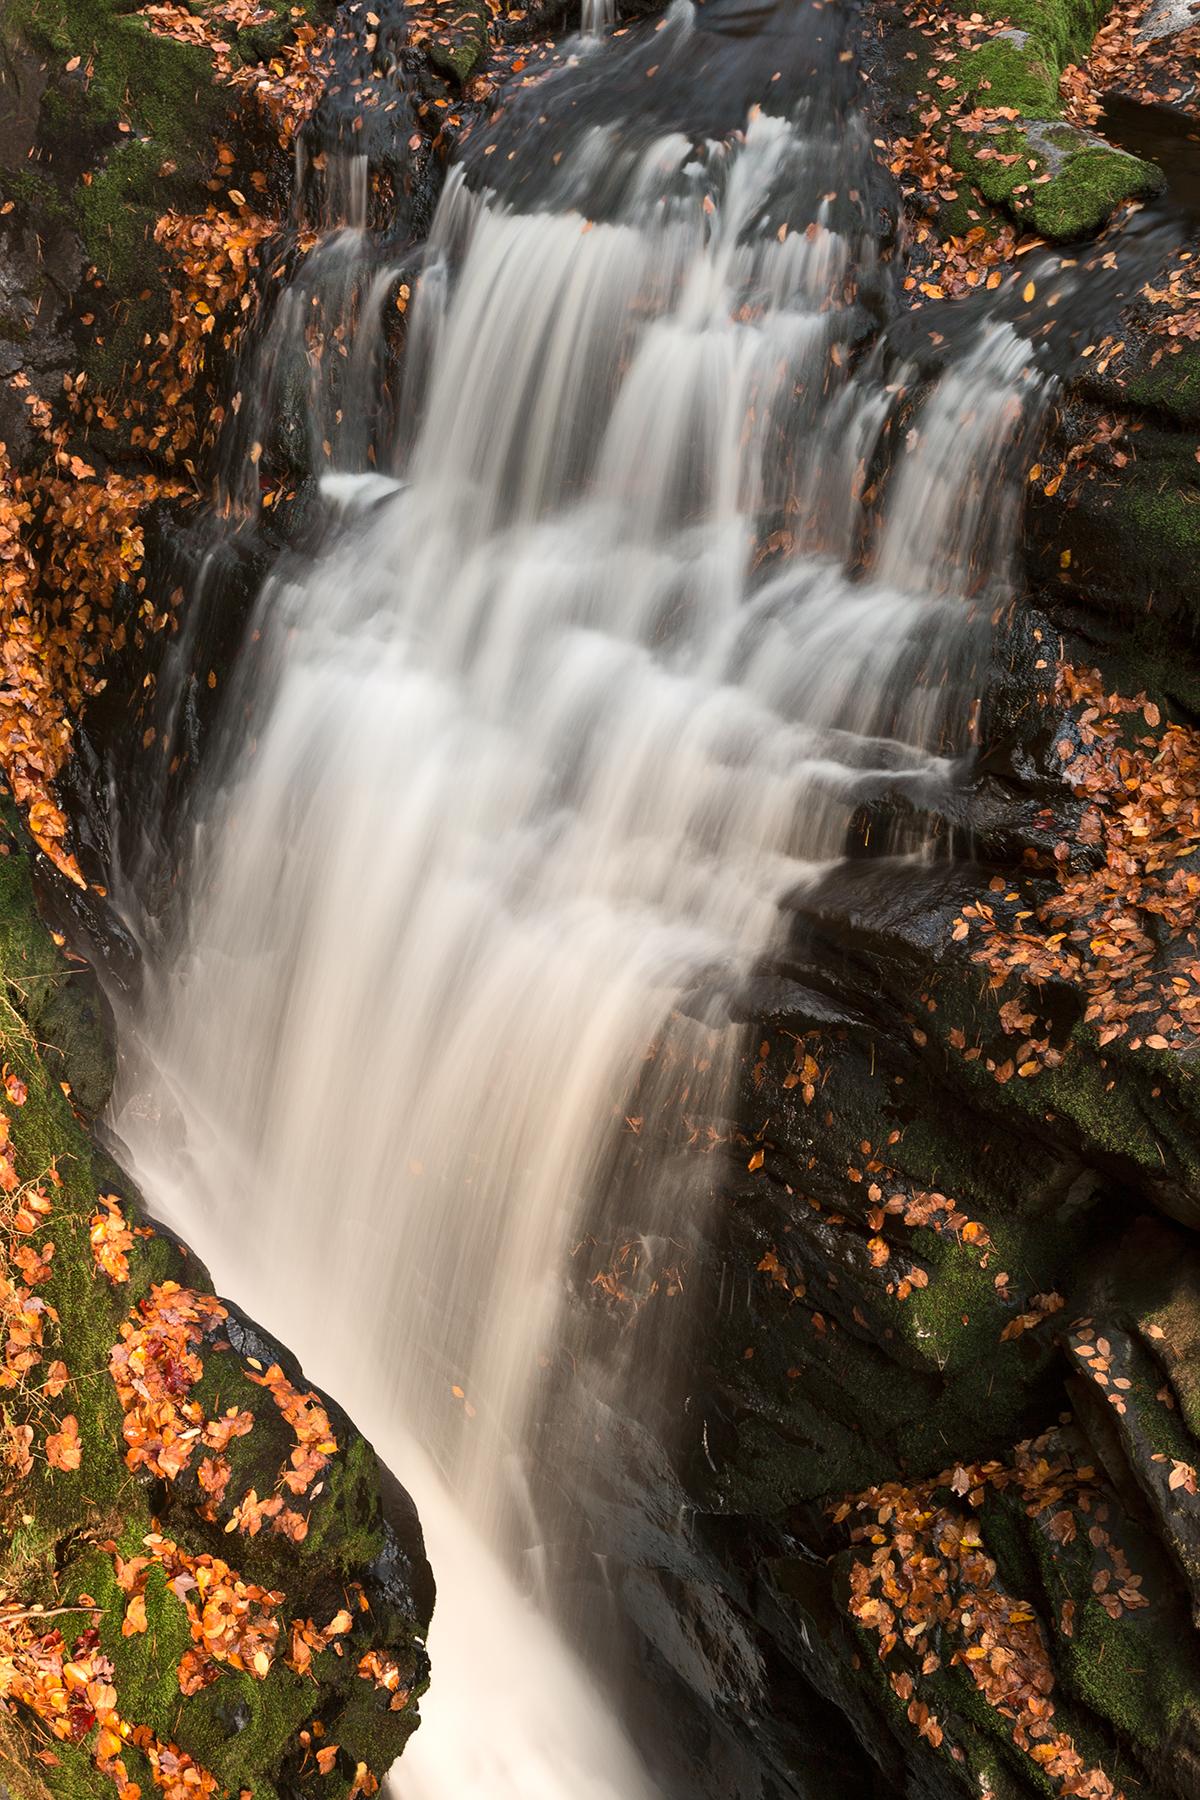 Bushkill Autumn Falls, America, Picturesque, Scenery, Scene, HQ Photo